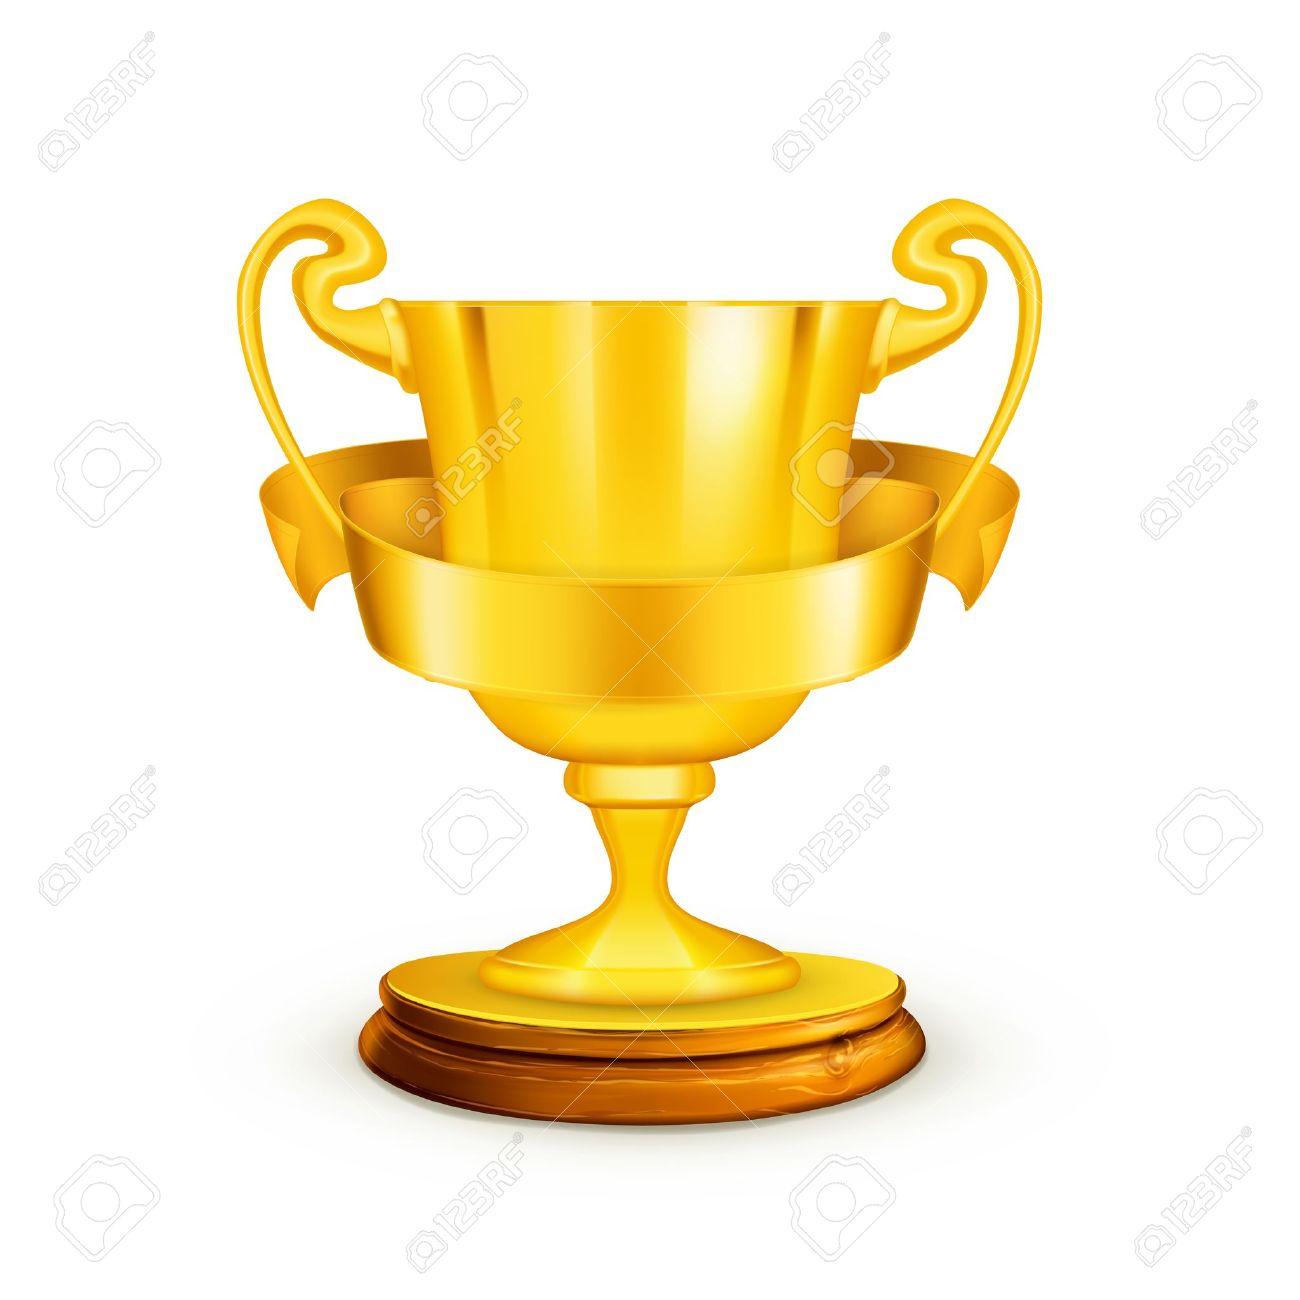 Gold trophy,illustration - 13667137